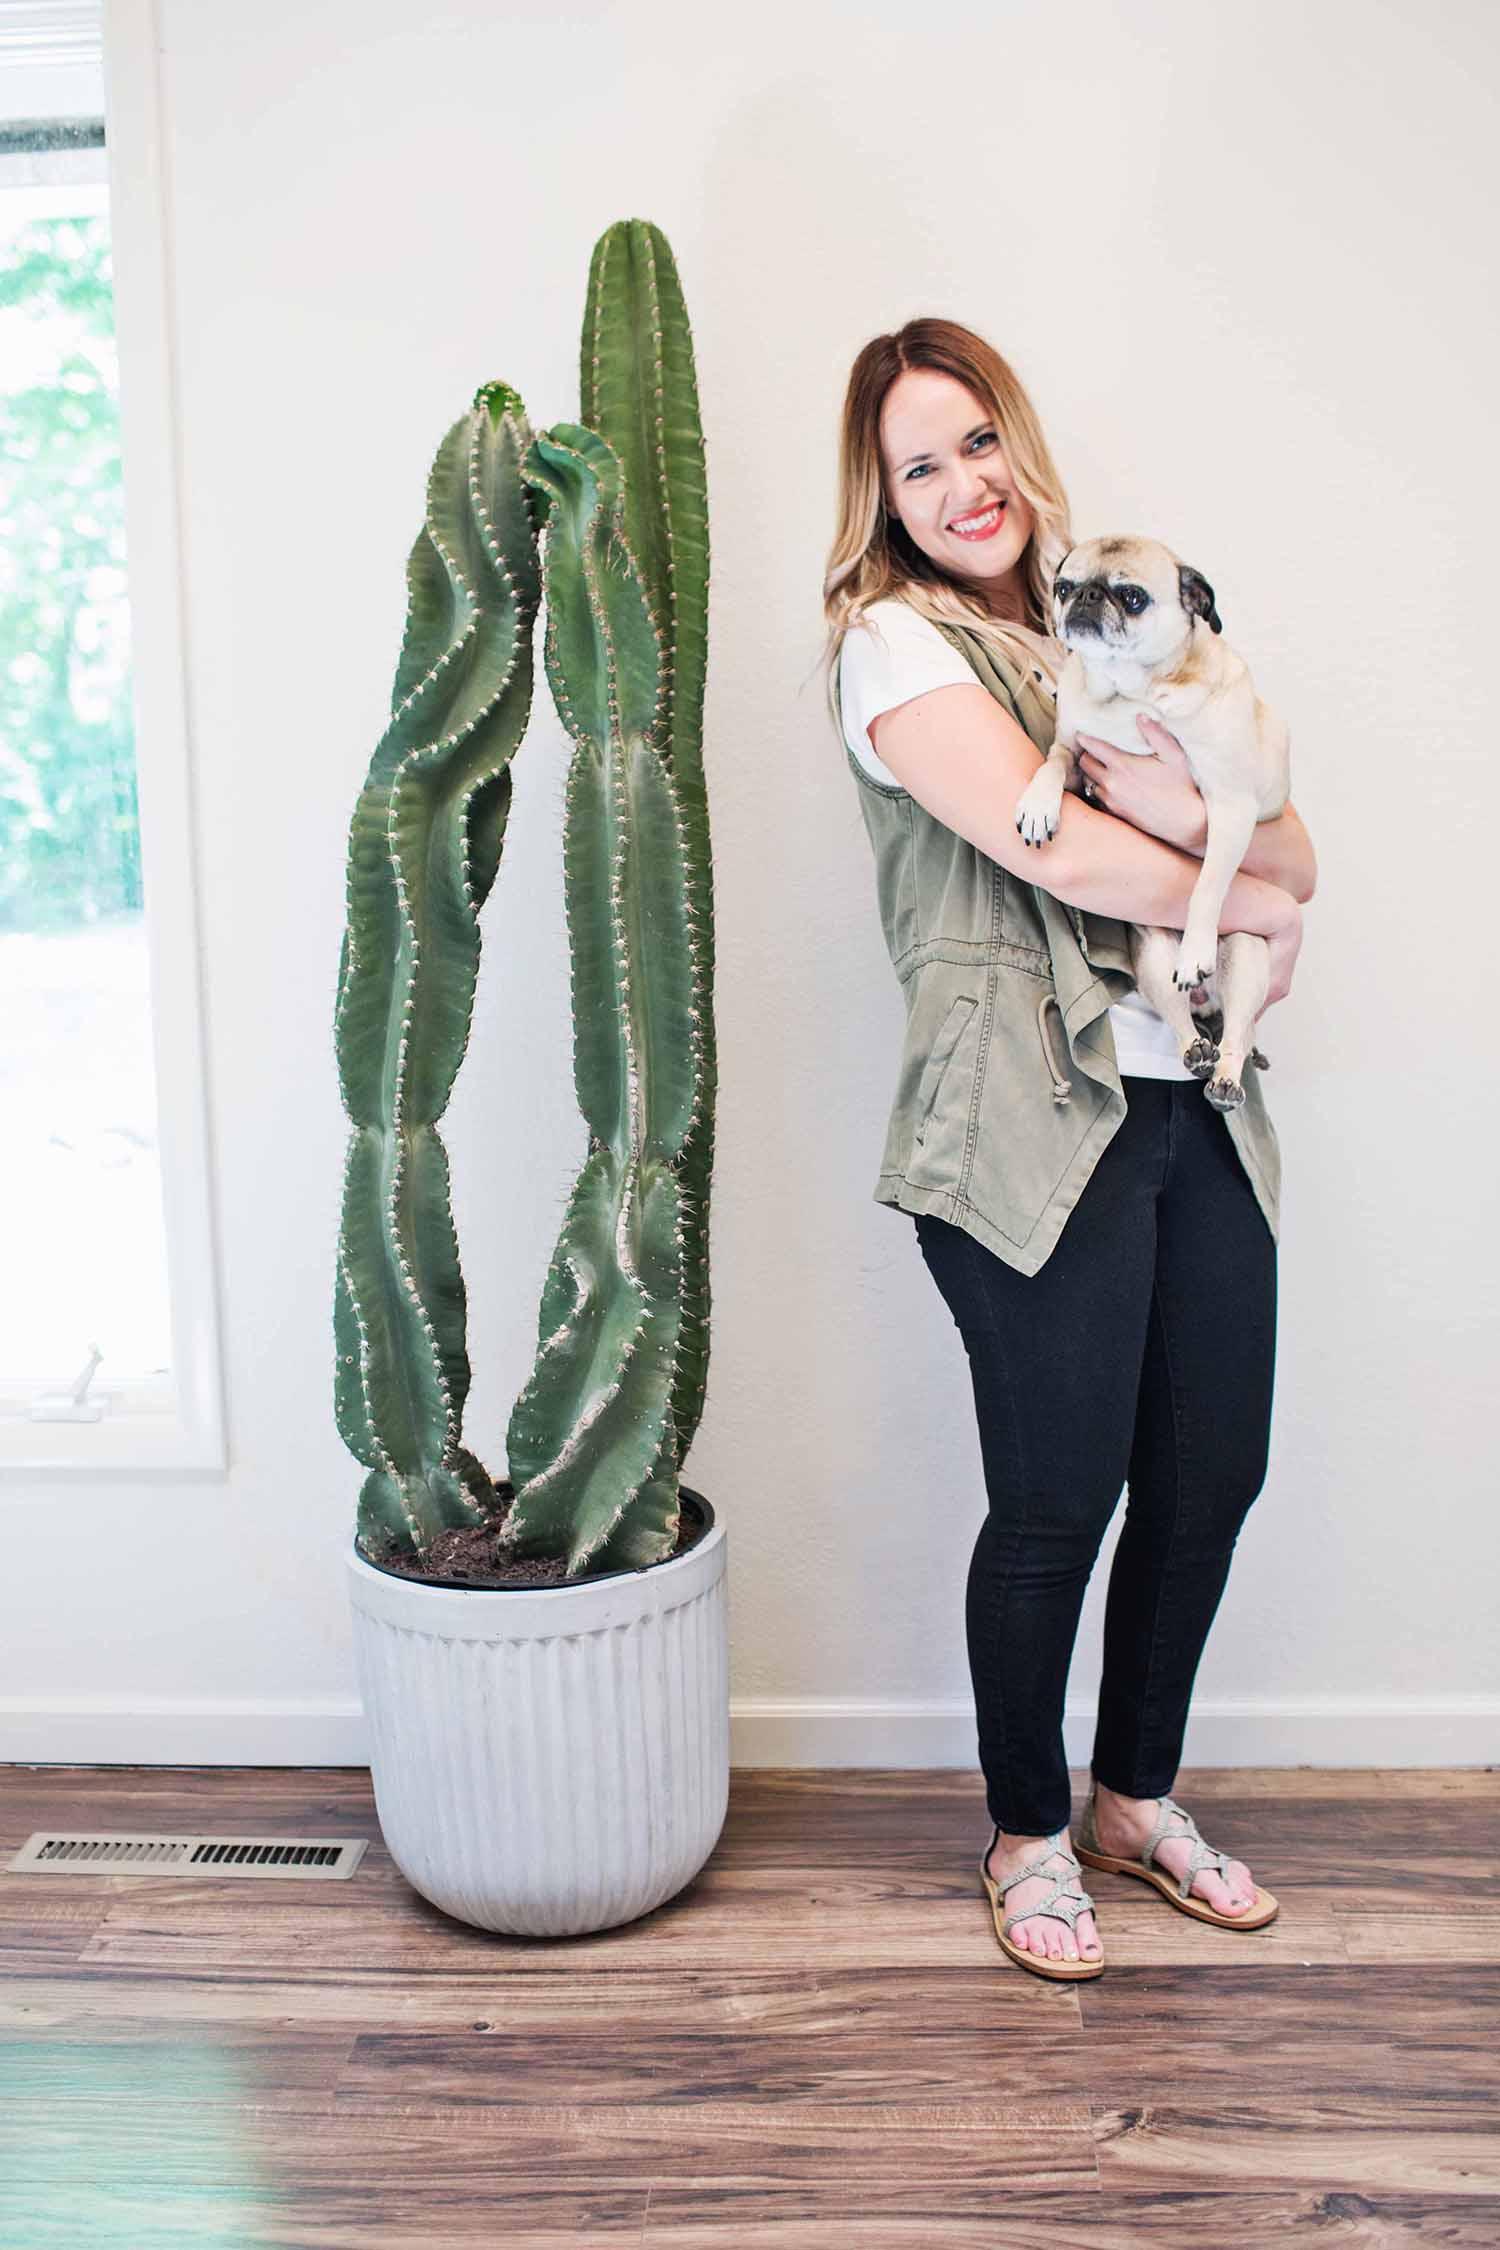 Emma's giant cactus